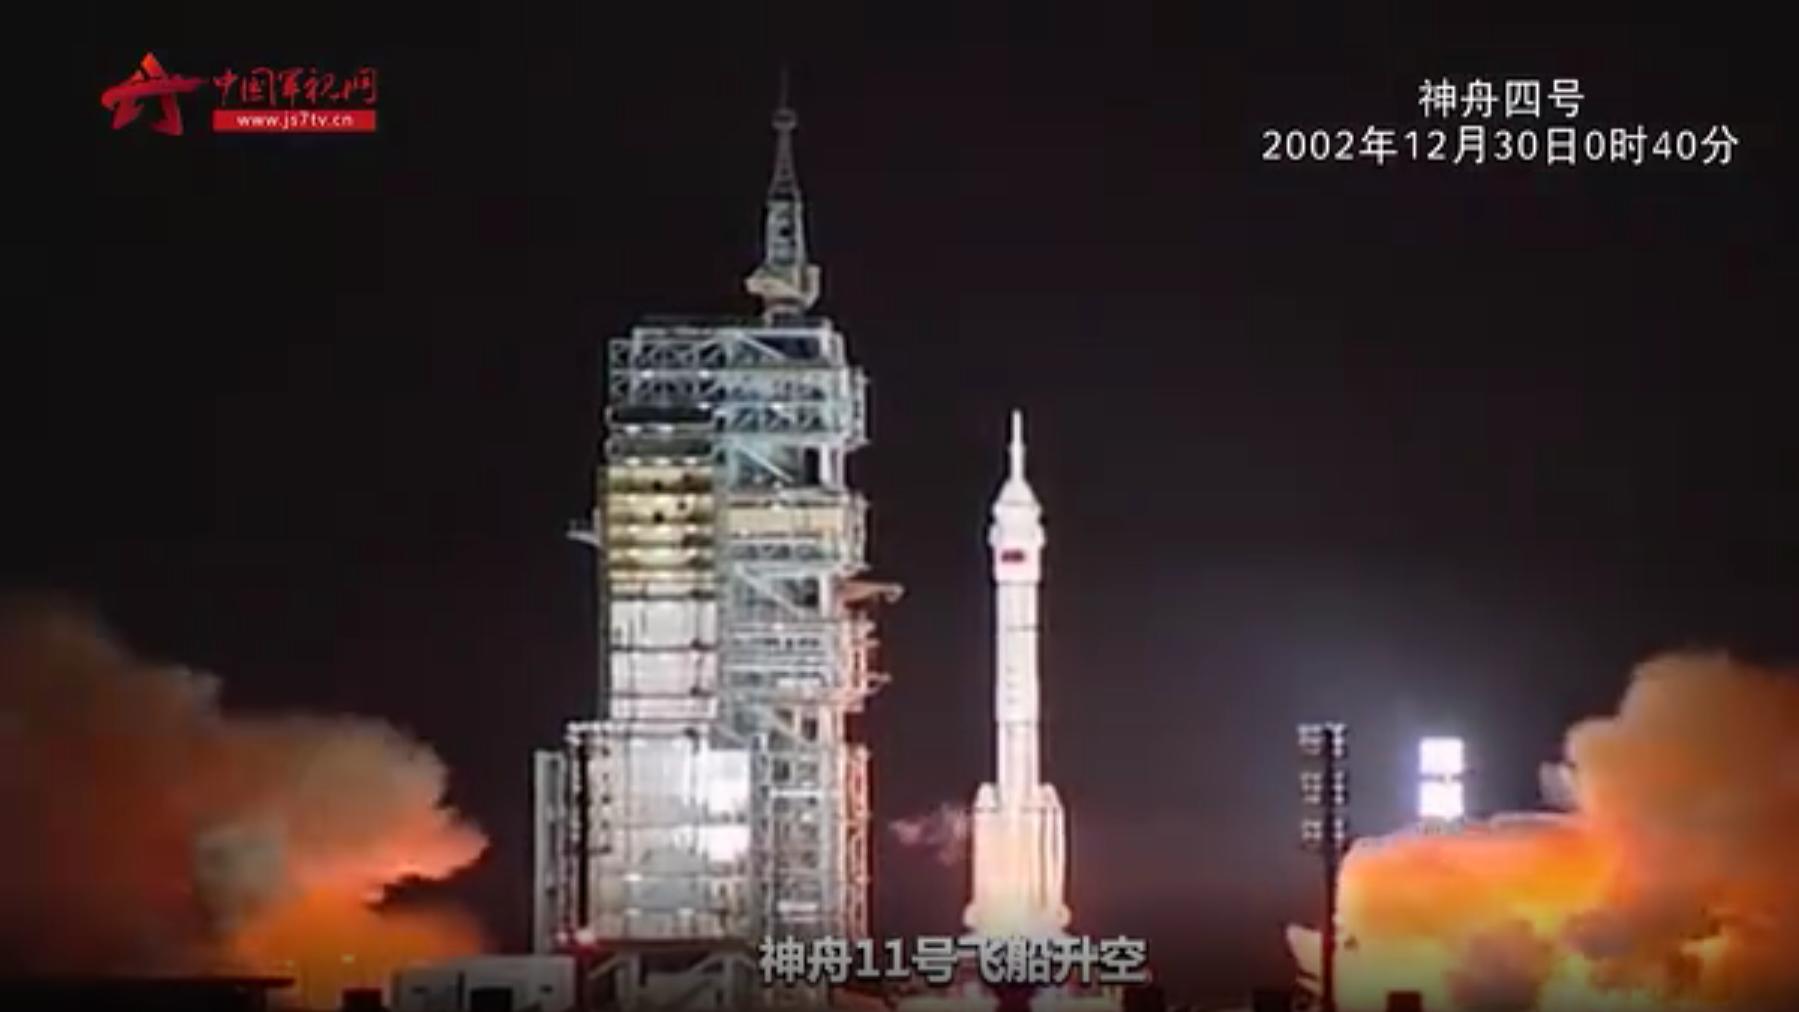 大国工匠 中国航天:带你回顾11艘神舟飞船精彩瞬间